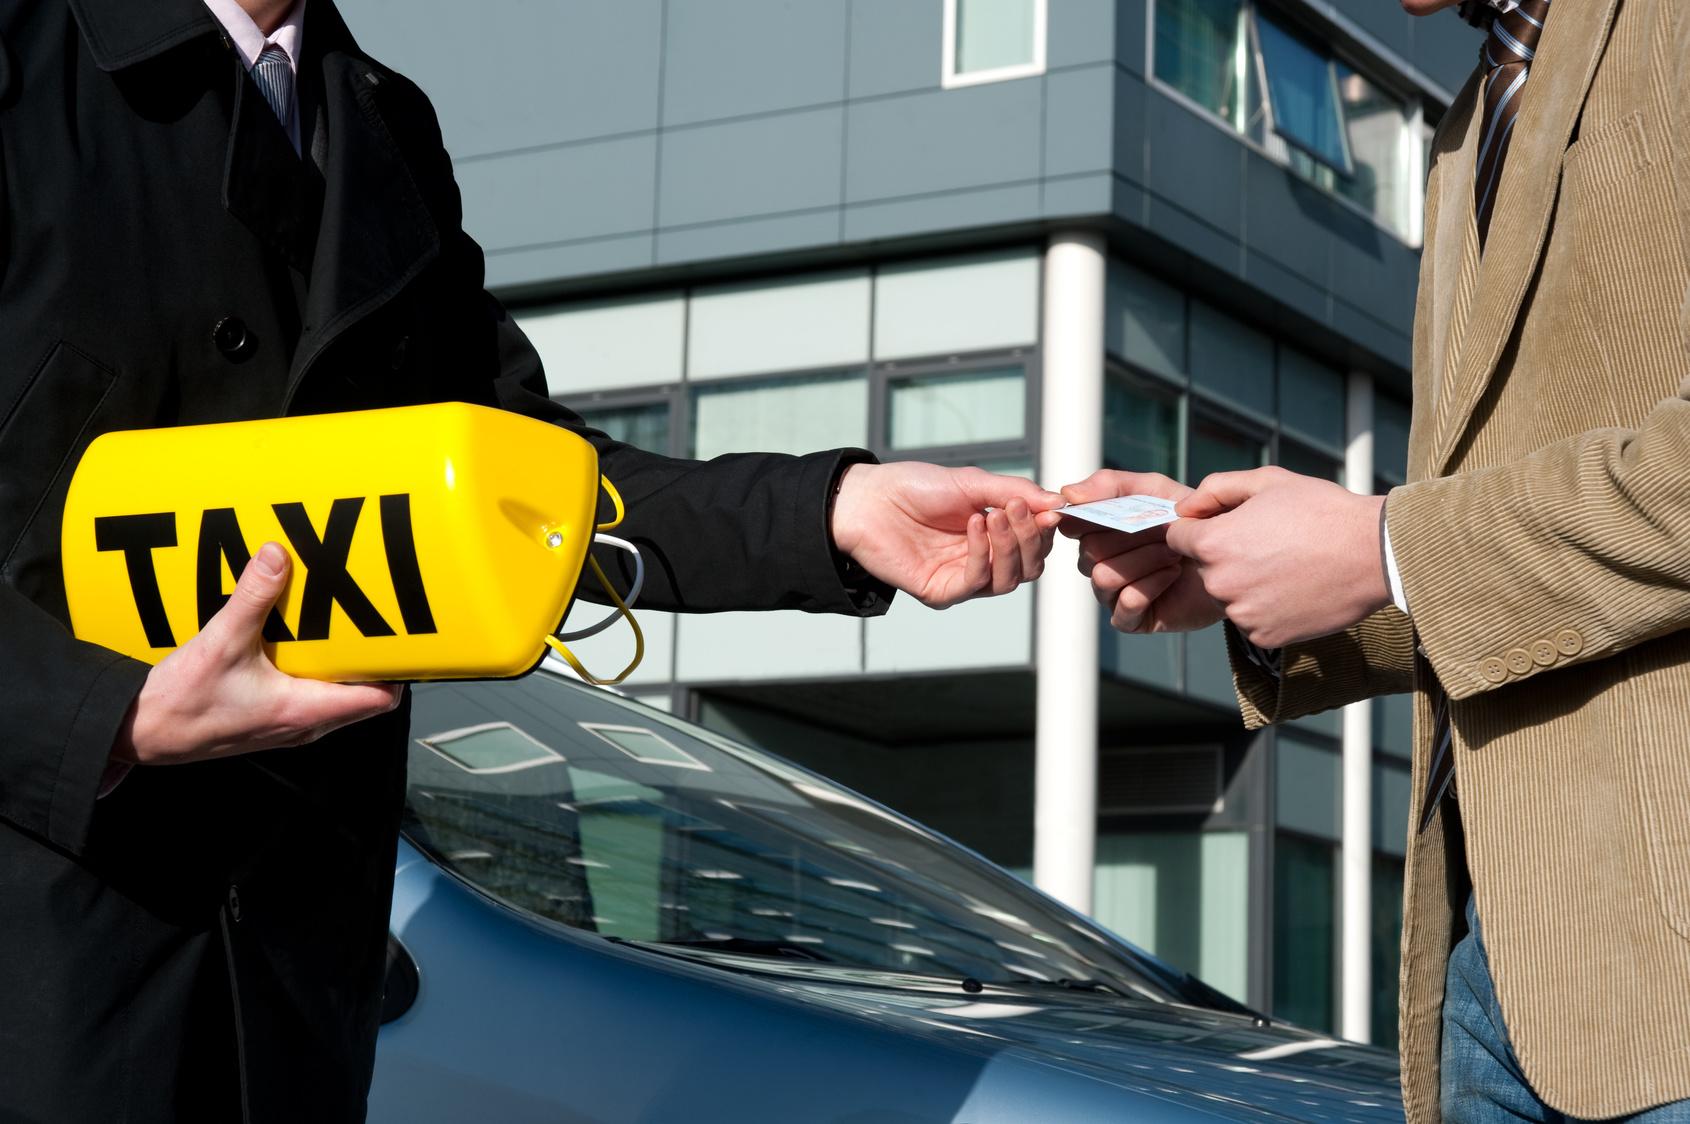 acheter ou vendre une licence de taxi taxi. Black Bedroom Furniture Sets. Home Design Ideas